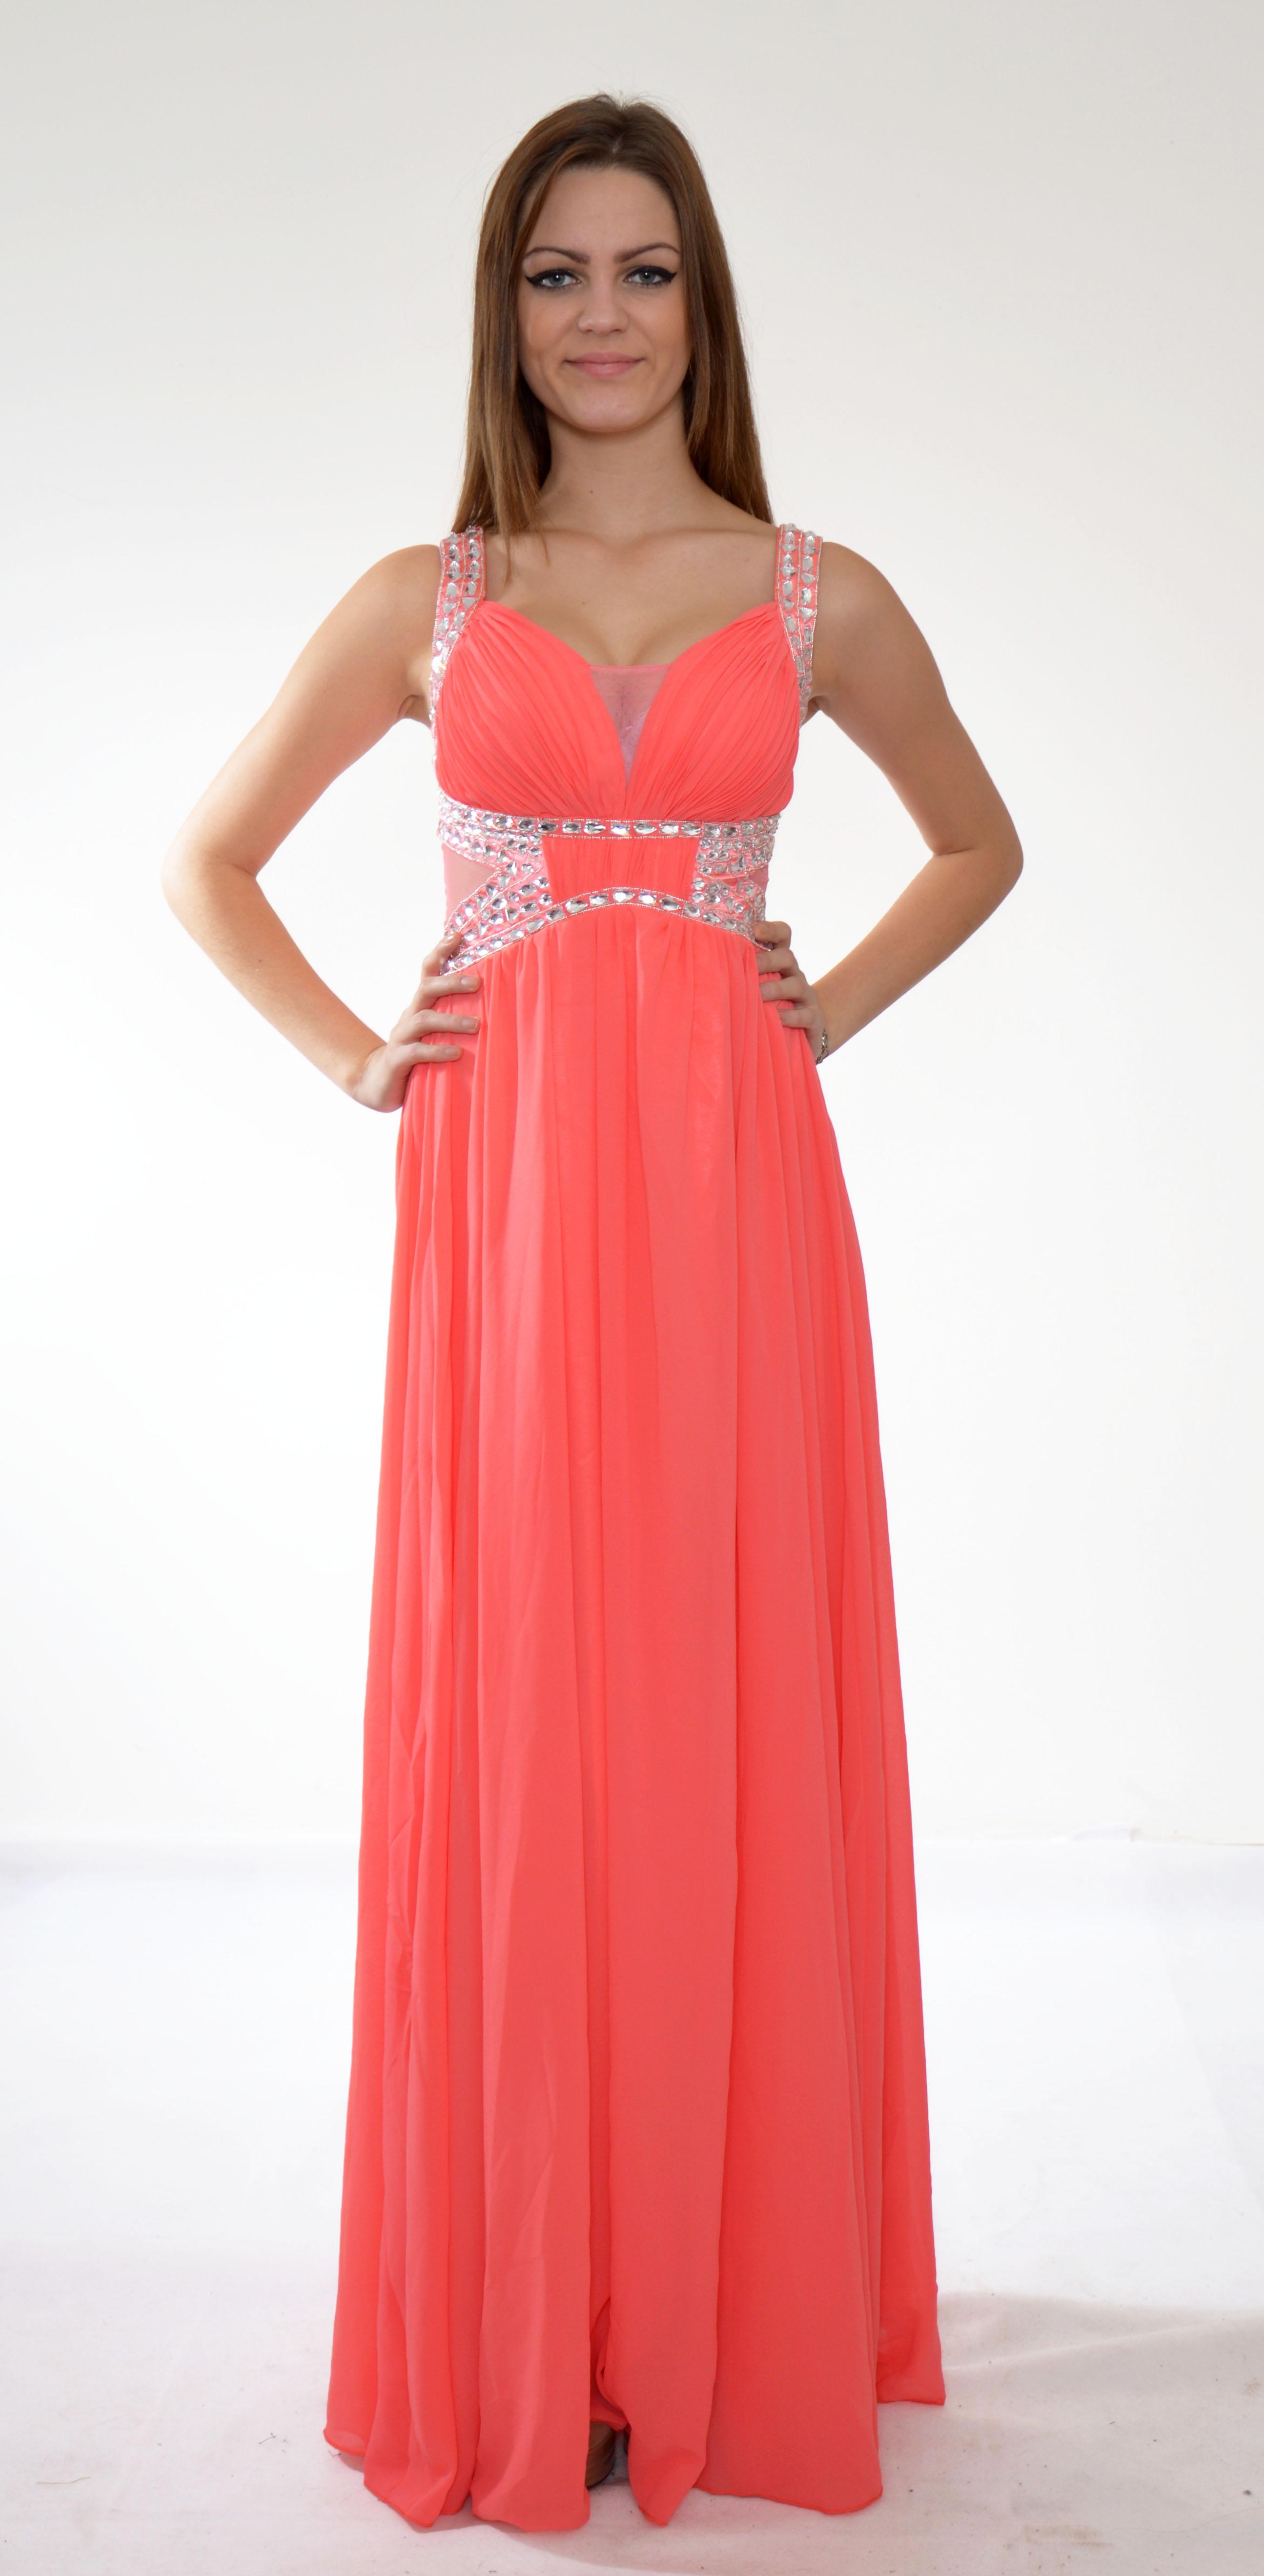 ffd9ca84174f Mentolkové spoločenské šaty – mentolová farba je veľmi jemná